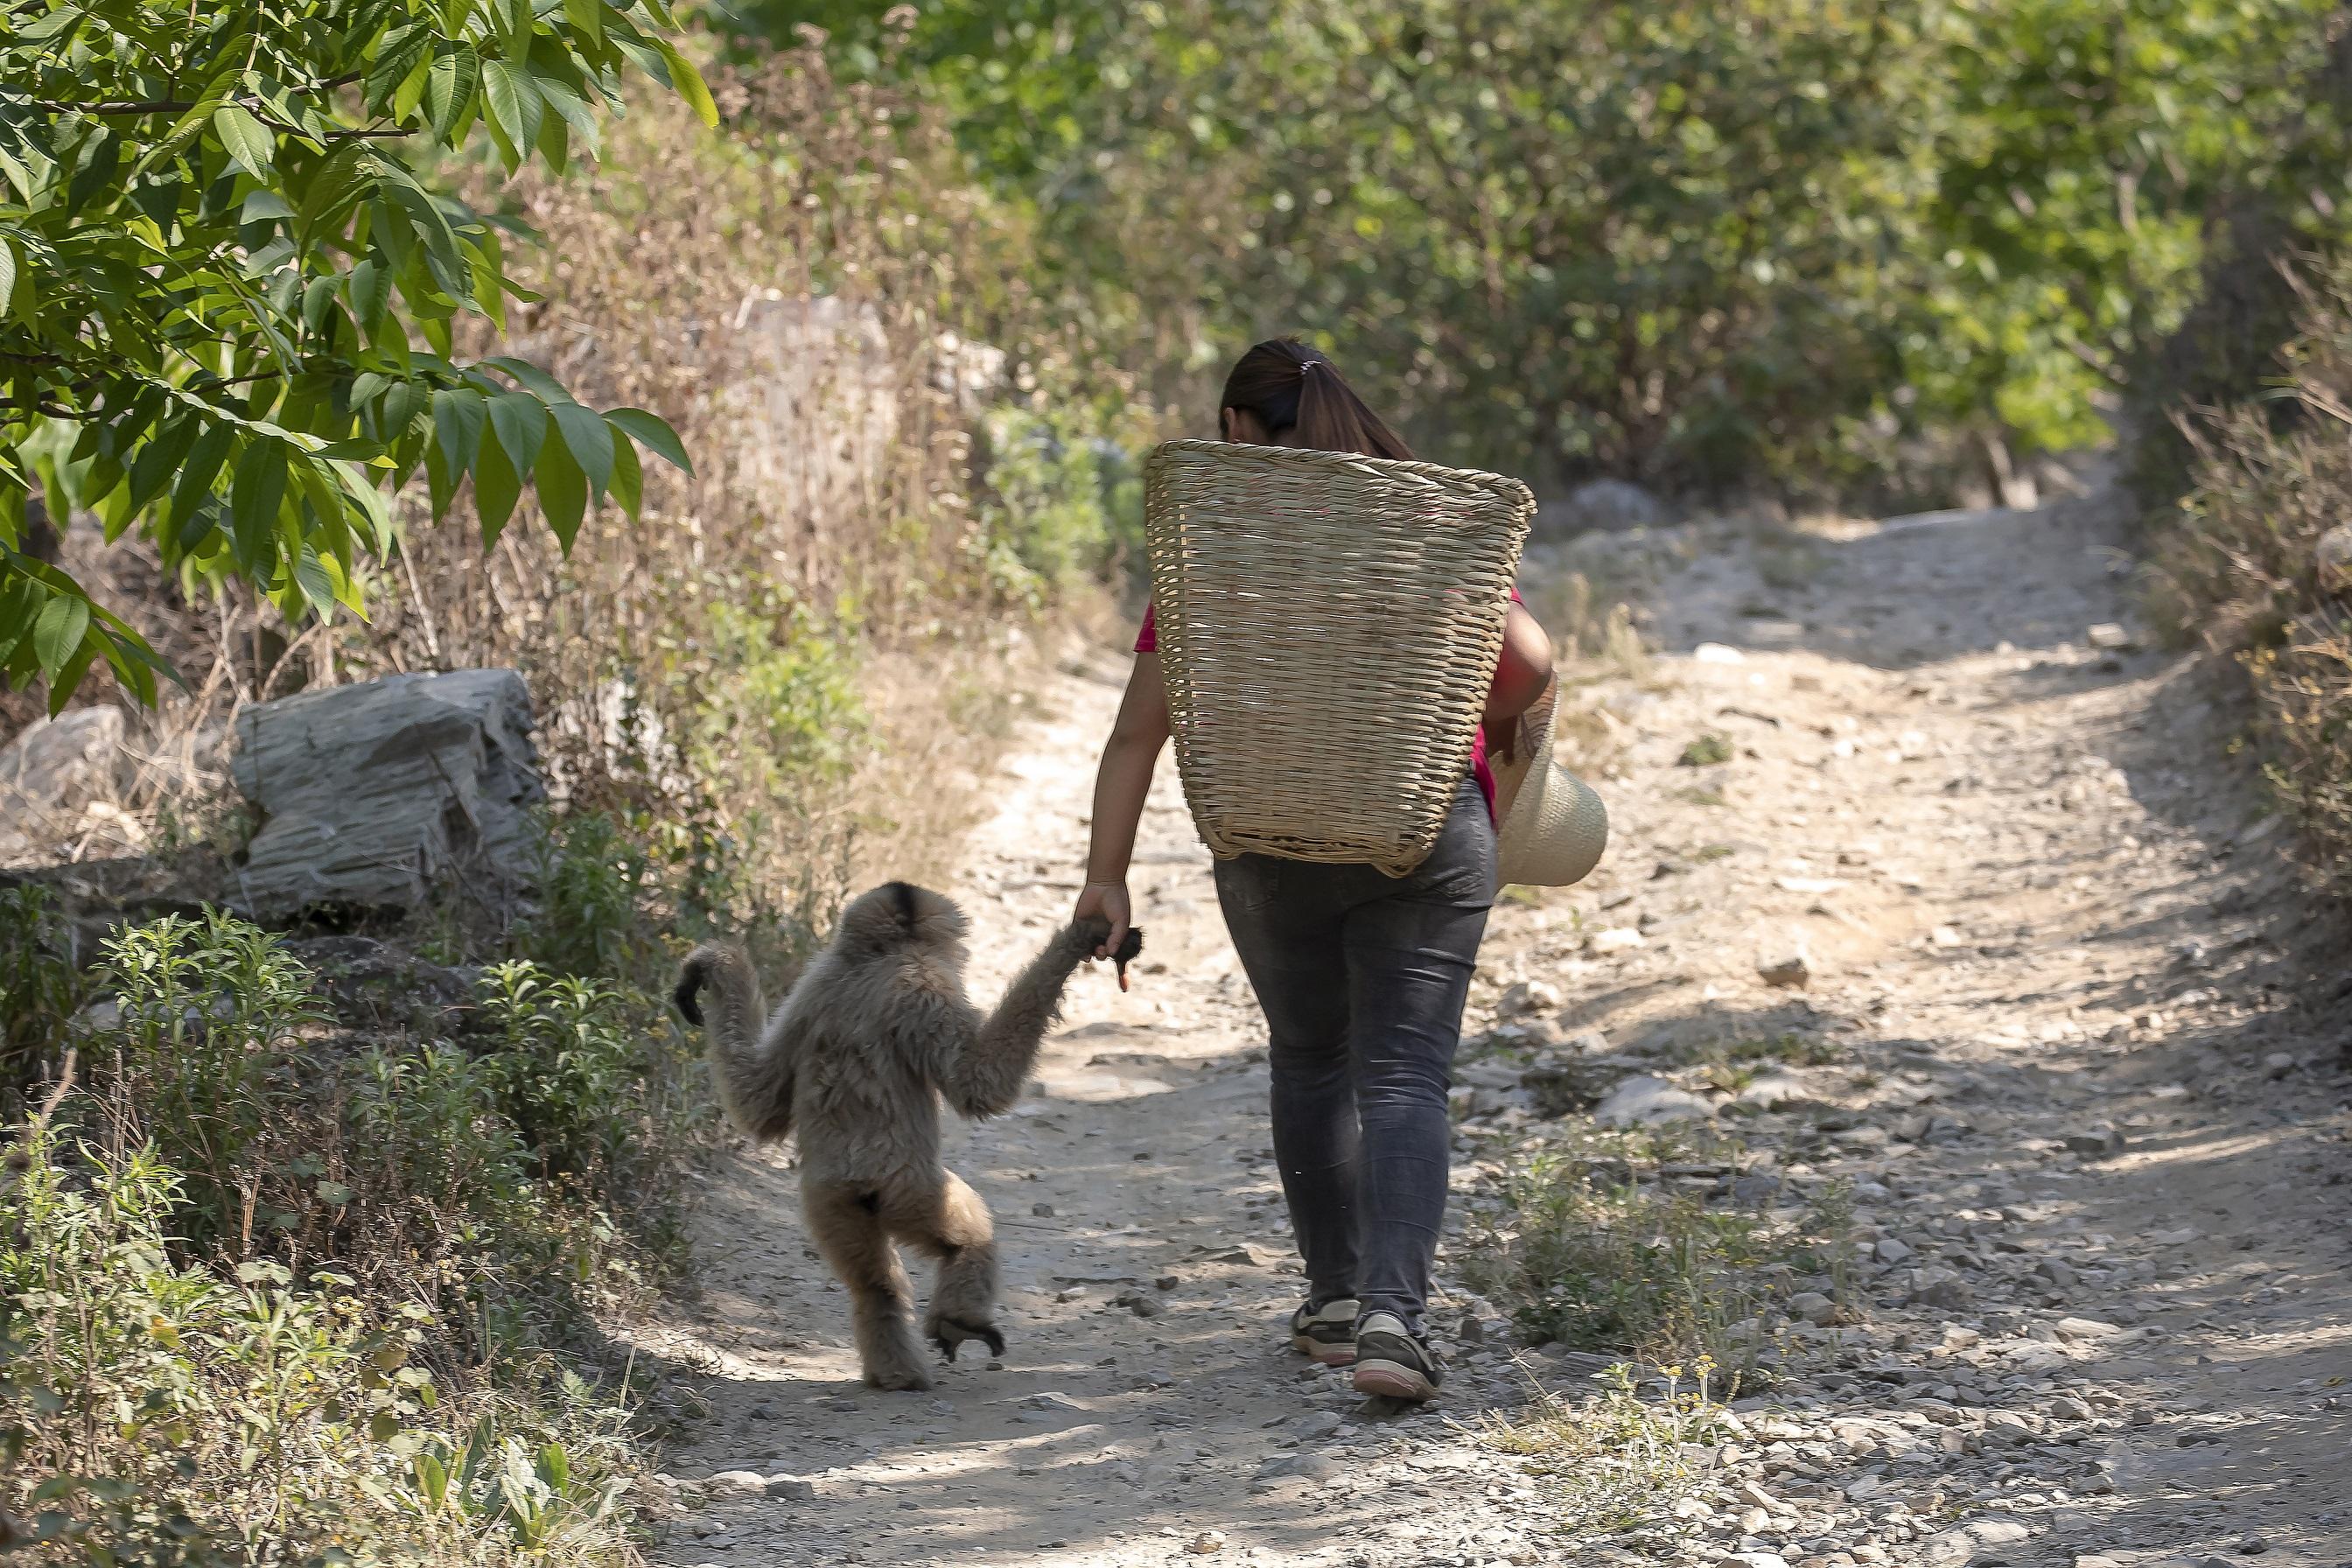 村人と仲良し、感電した希少動物のカンムリテナガザル回復へ 雲南省